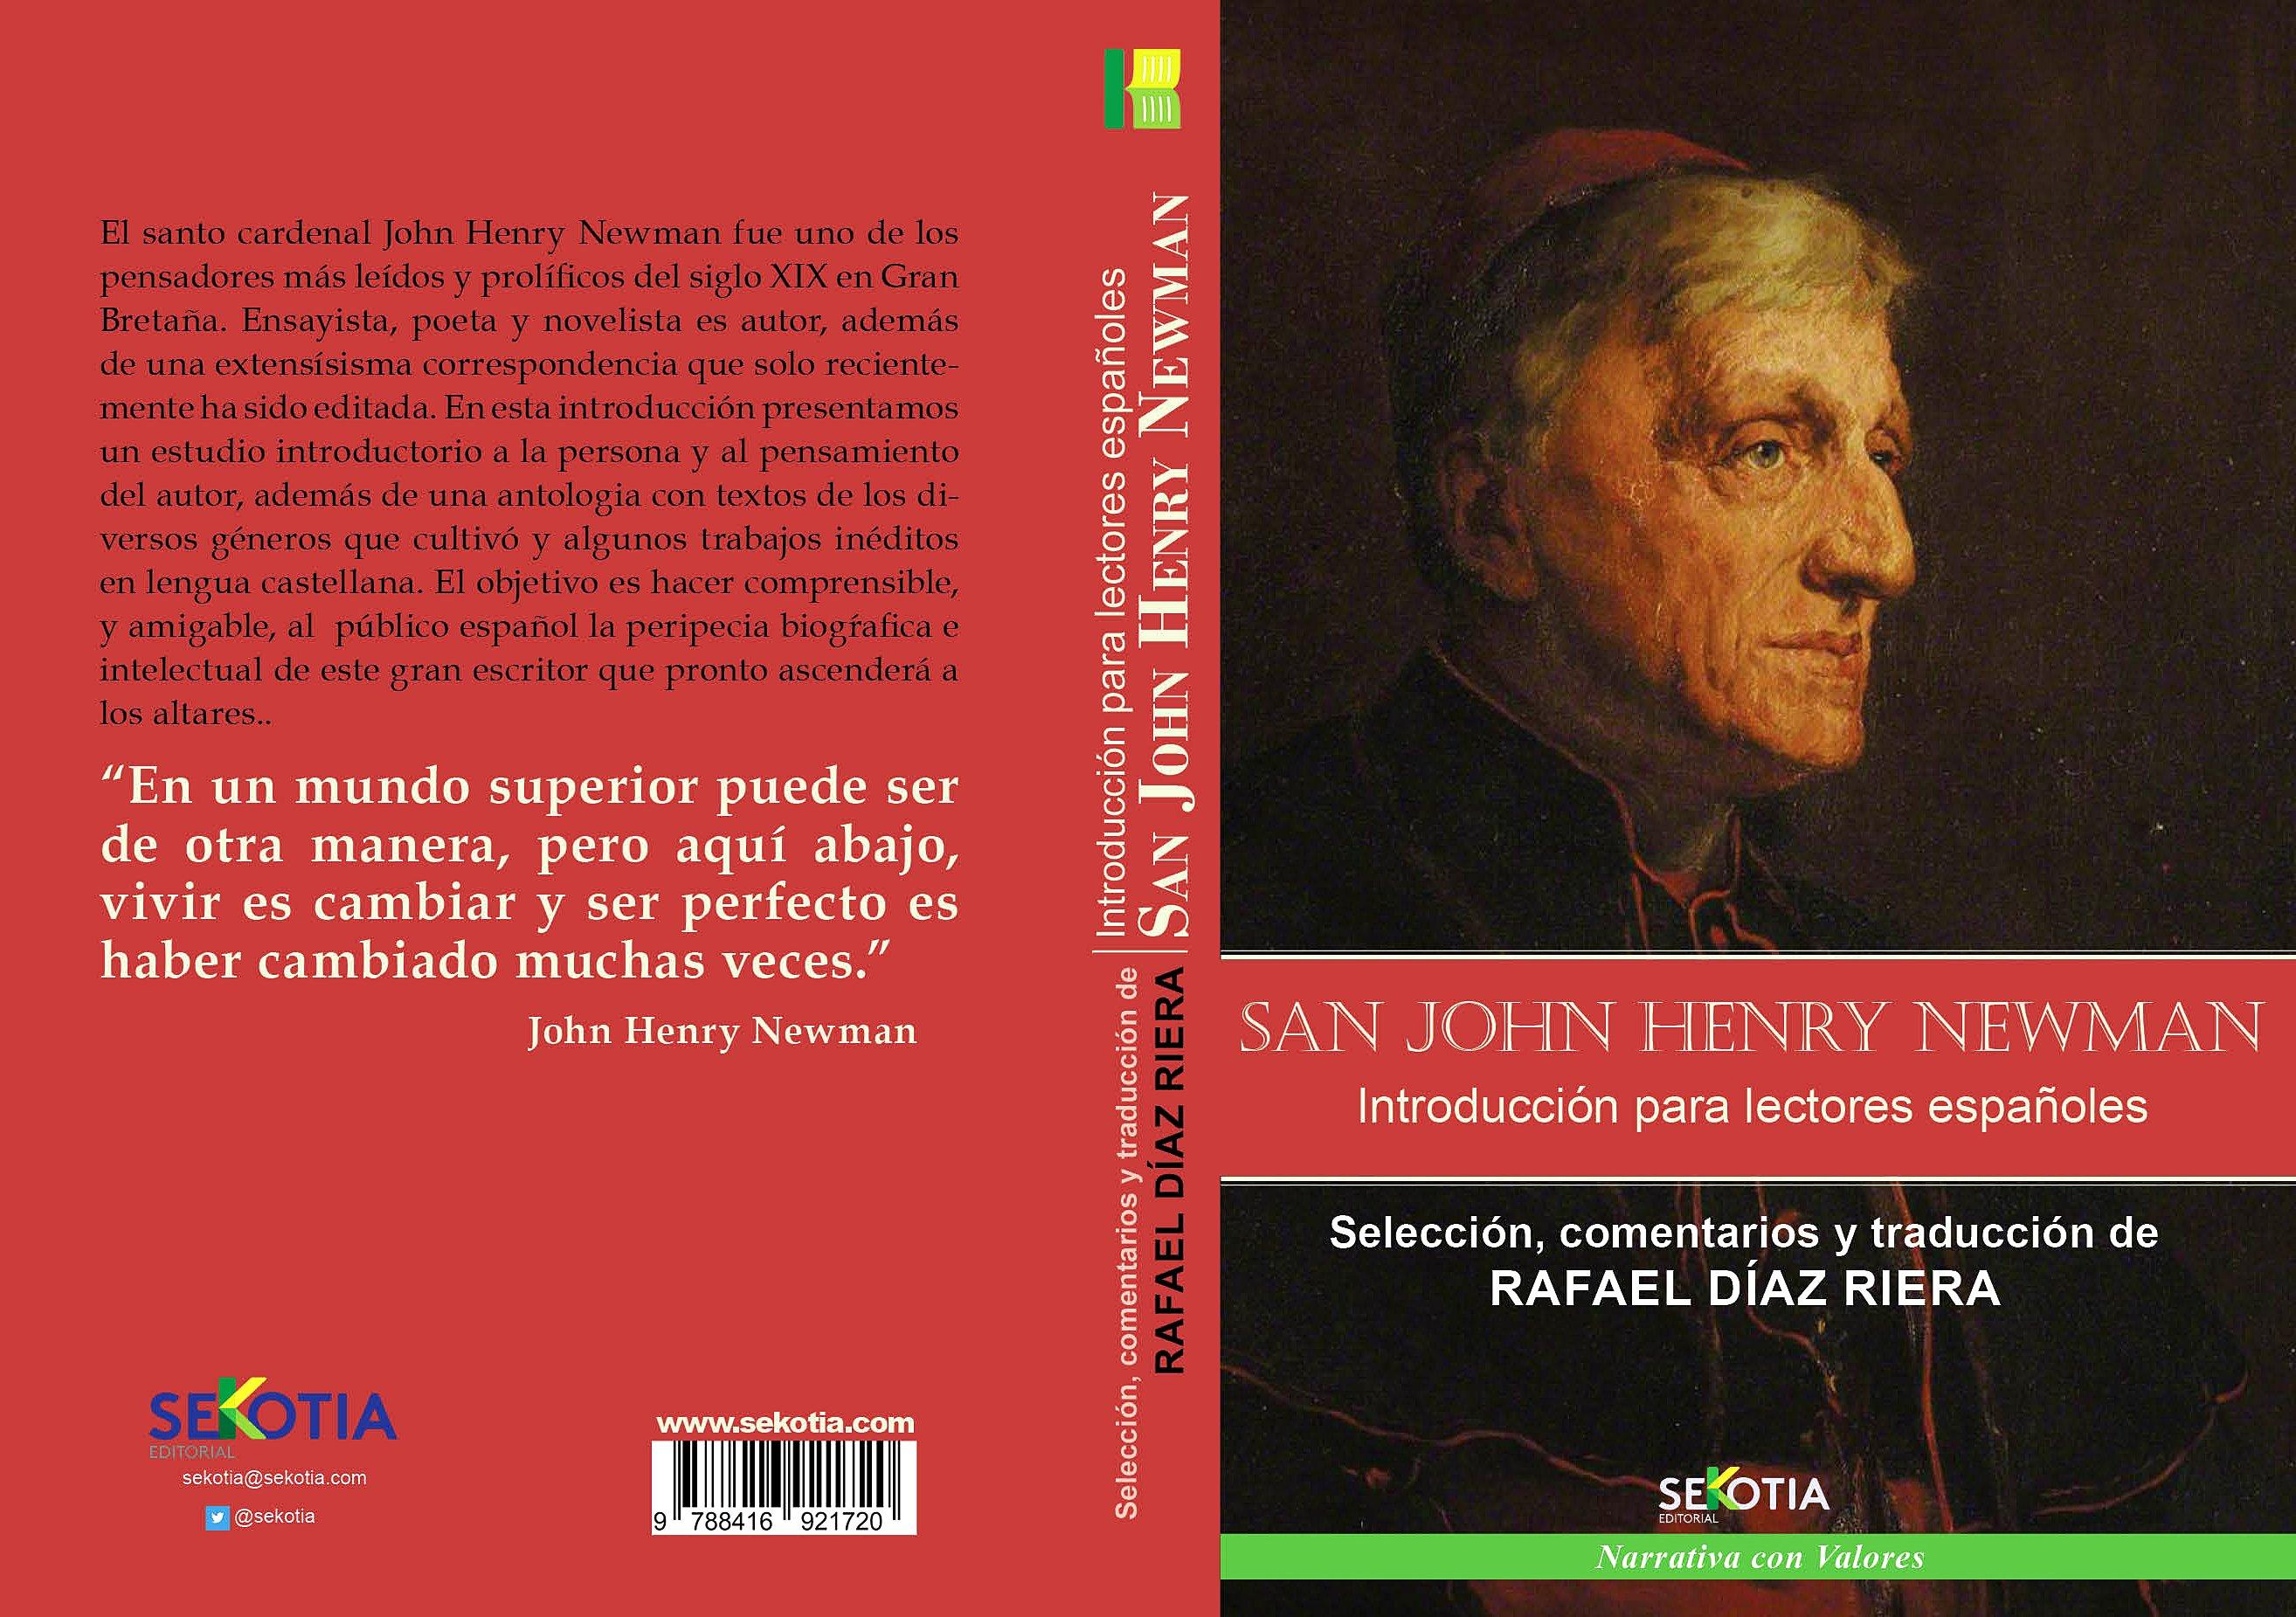 San John Henry Newman. Introducción para lectores españoles